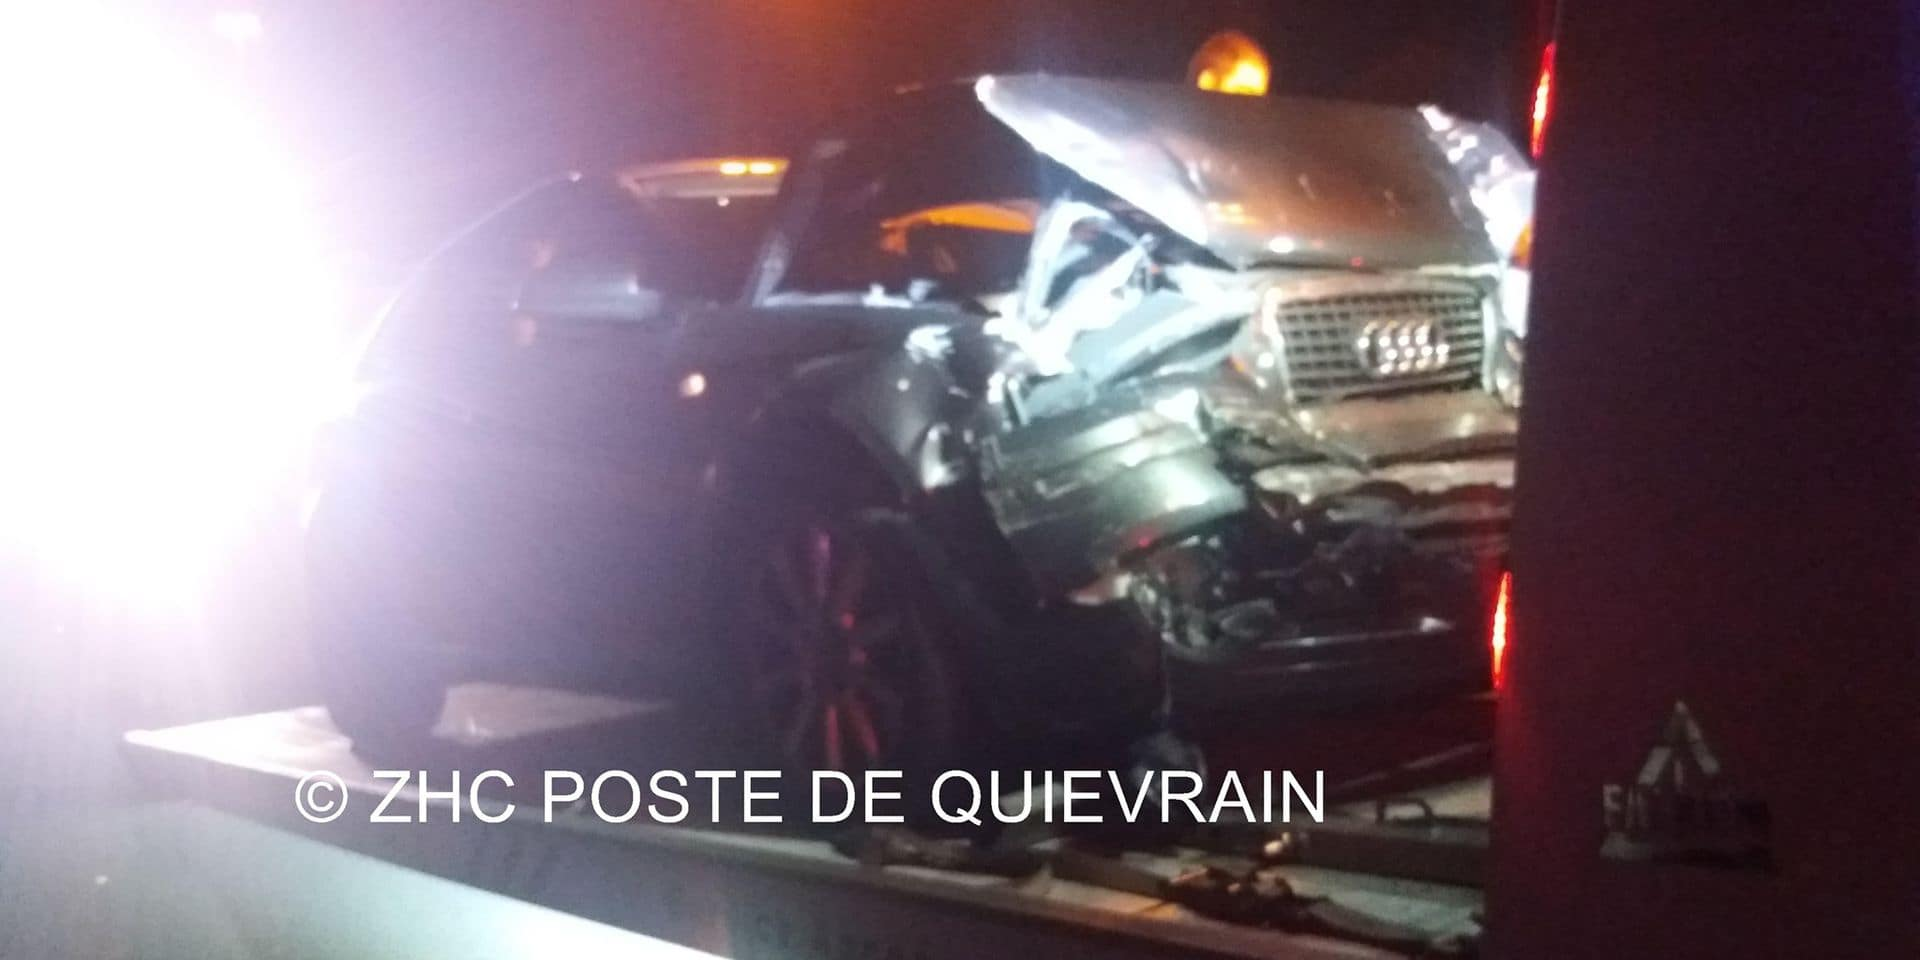 Dour: après avoir percuté une remorque, le véhicule termine dans la barrière de sécurité